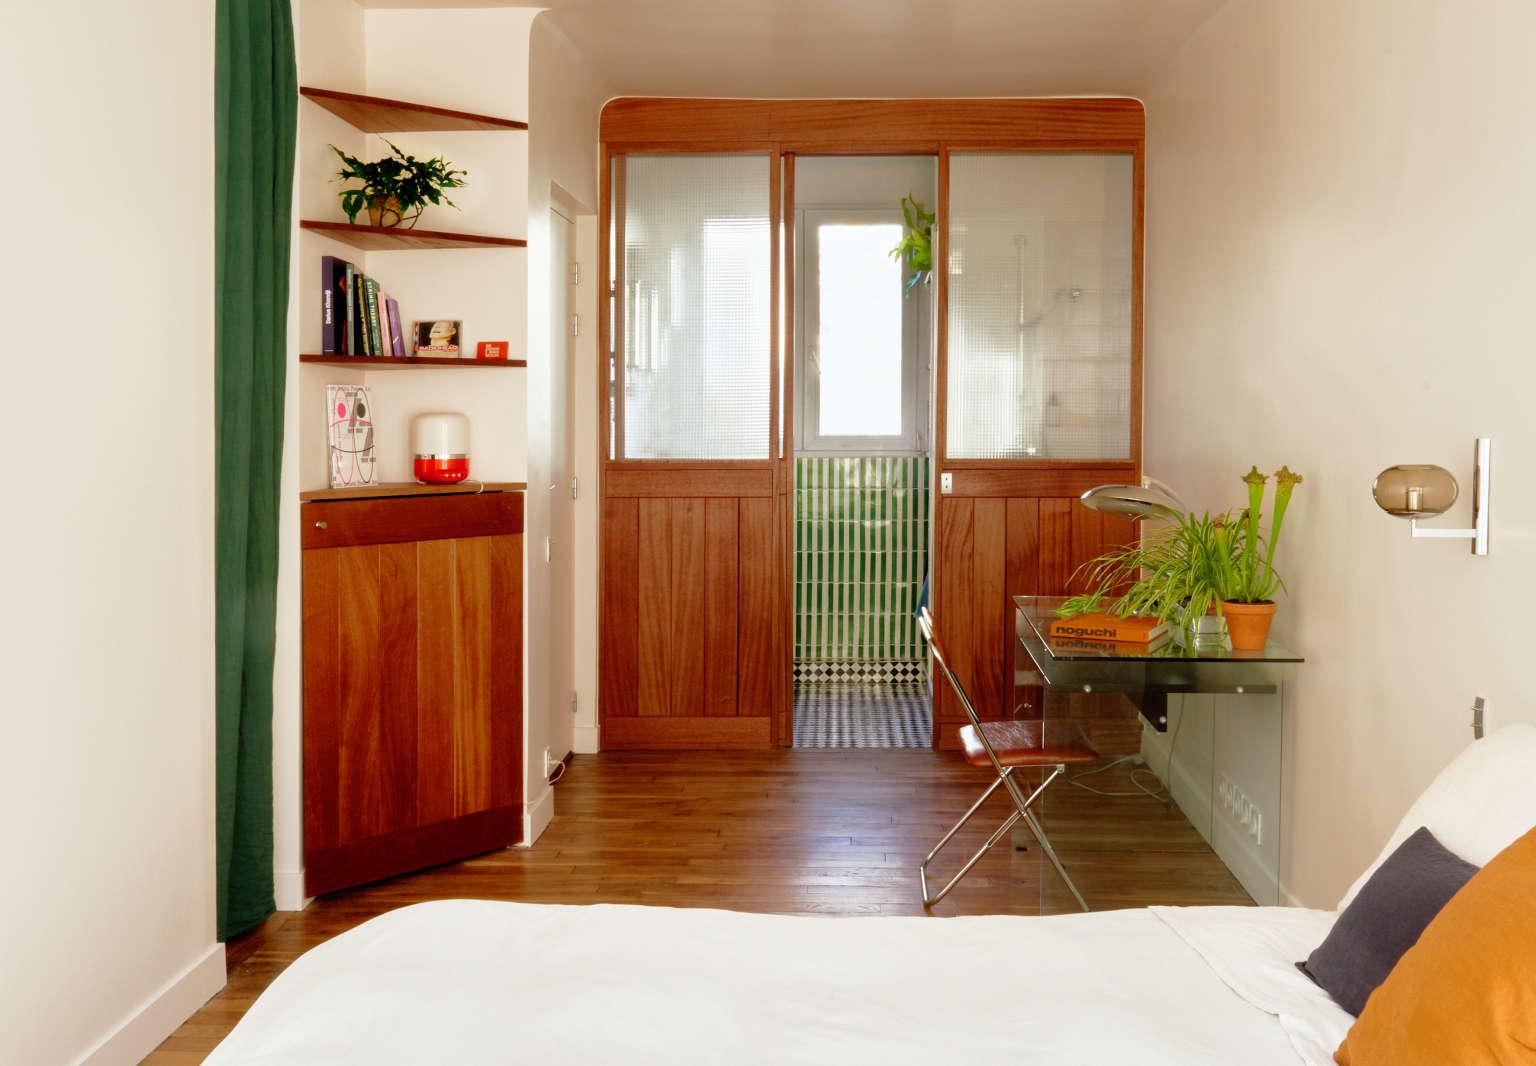 studio classico paris bedroom bath design 1 1536x1066